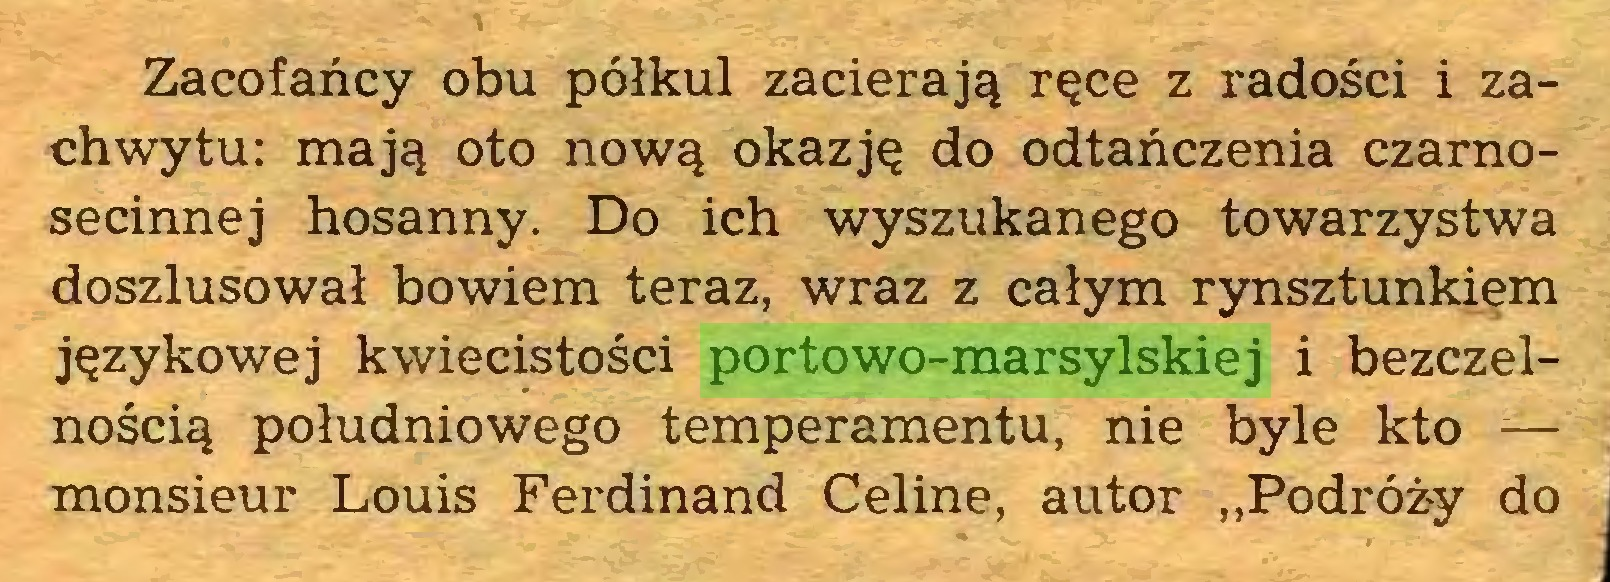 """(...) Zacofańcy obu półkul zacierają ręce z radości i zachwytu: mają oto nową okazję do odtańczenia czarnosecinnej hosanny. Do ich wyszukanego towarzystwa doszlusował bowiem teraz, wraz z całym rynsztunkiem językowej kwiecistości portowo-marsylskiej i bezczelnością południowego temperamentu, nie byle kto — monsieur Louis Ferdinand Celine, autor """"Podróży do..."""